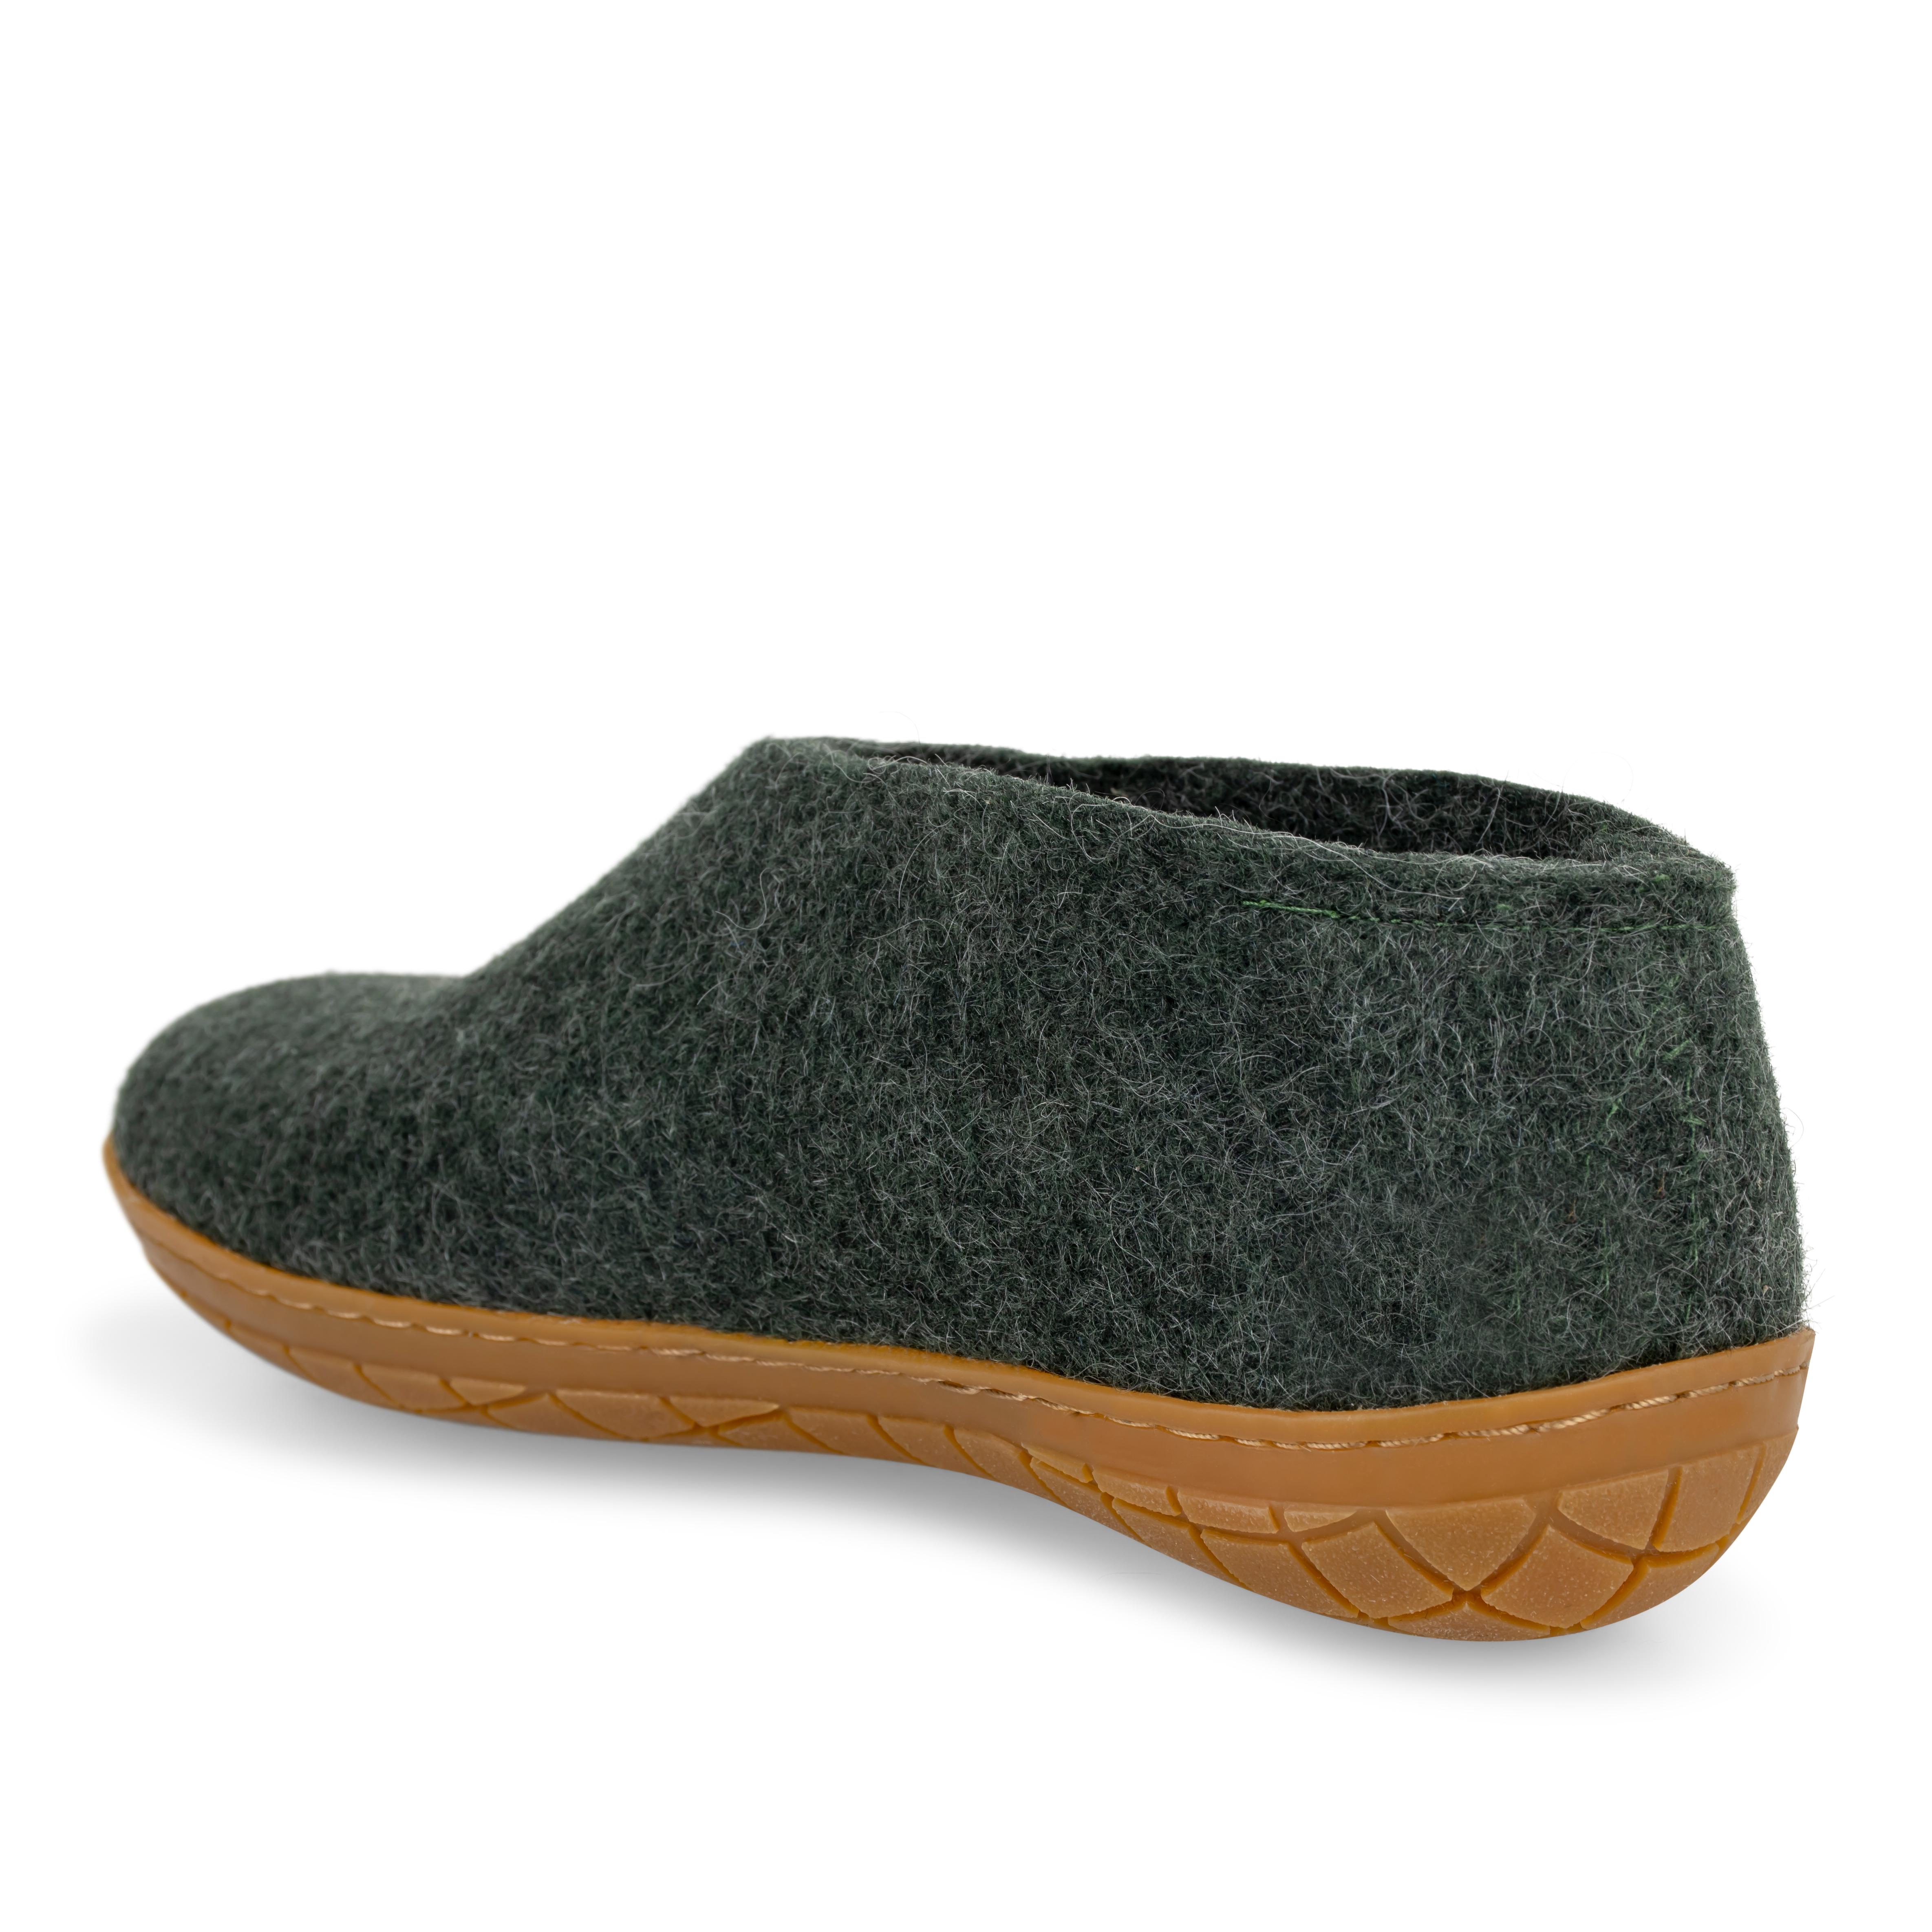 Glerups sko med naturgummisål, forest, 38